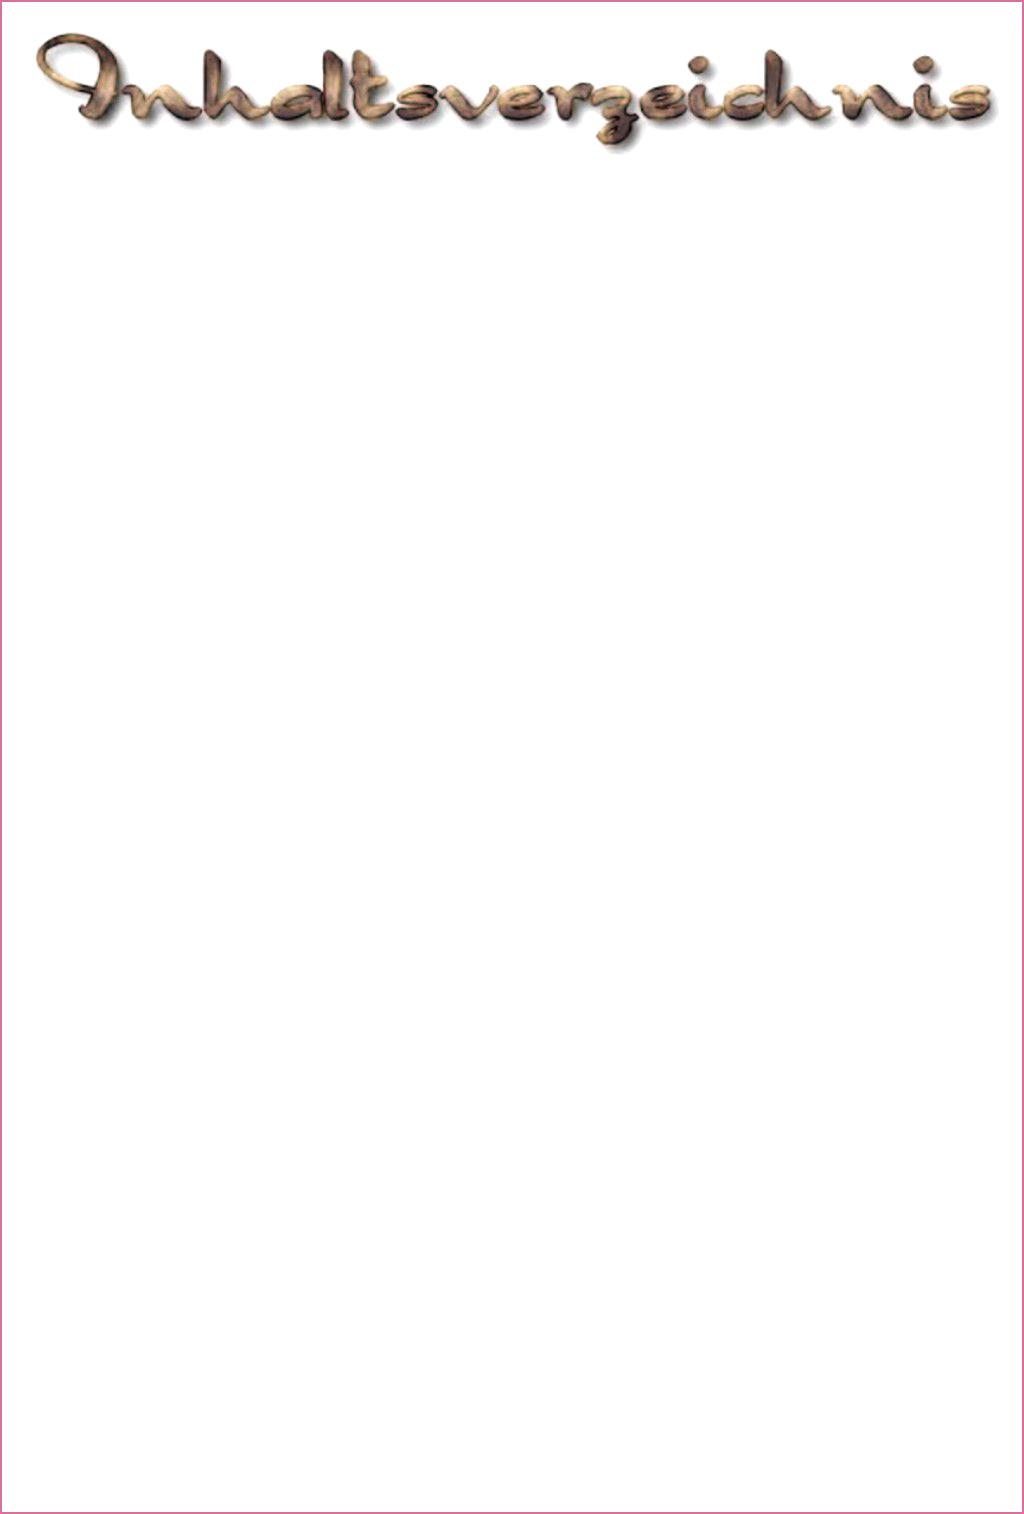 Frisuren Bob Kurz Hinten Ruckansicht Frisuren Bob Kurz Hinten Ruckansicht Fri In 2020 Schone Poesie Silberhochzeit Spruch Eingebildete Spruche